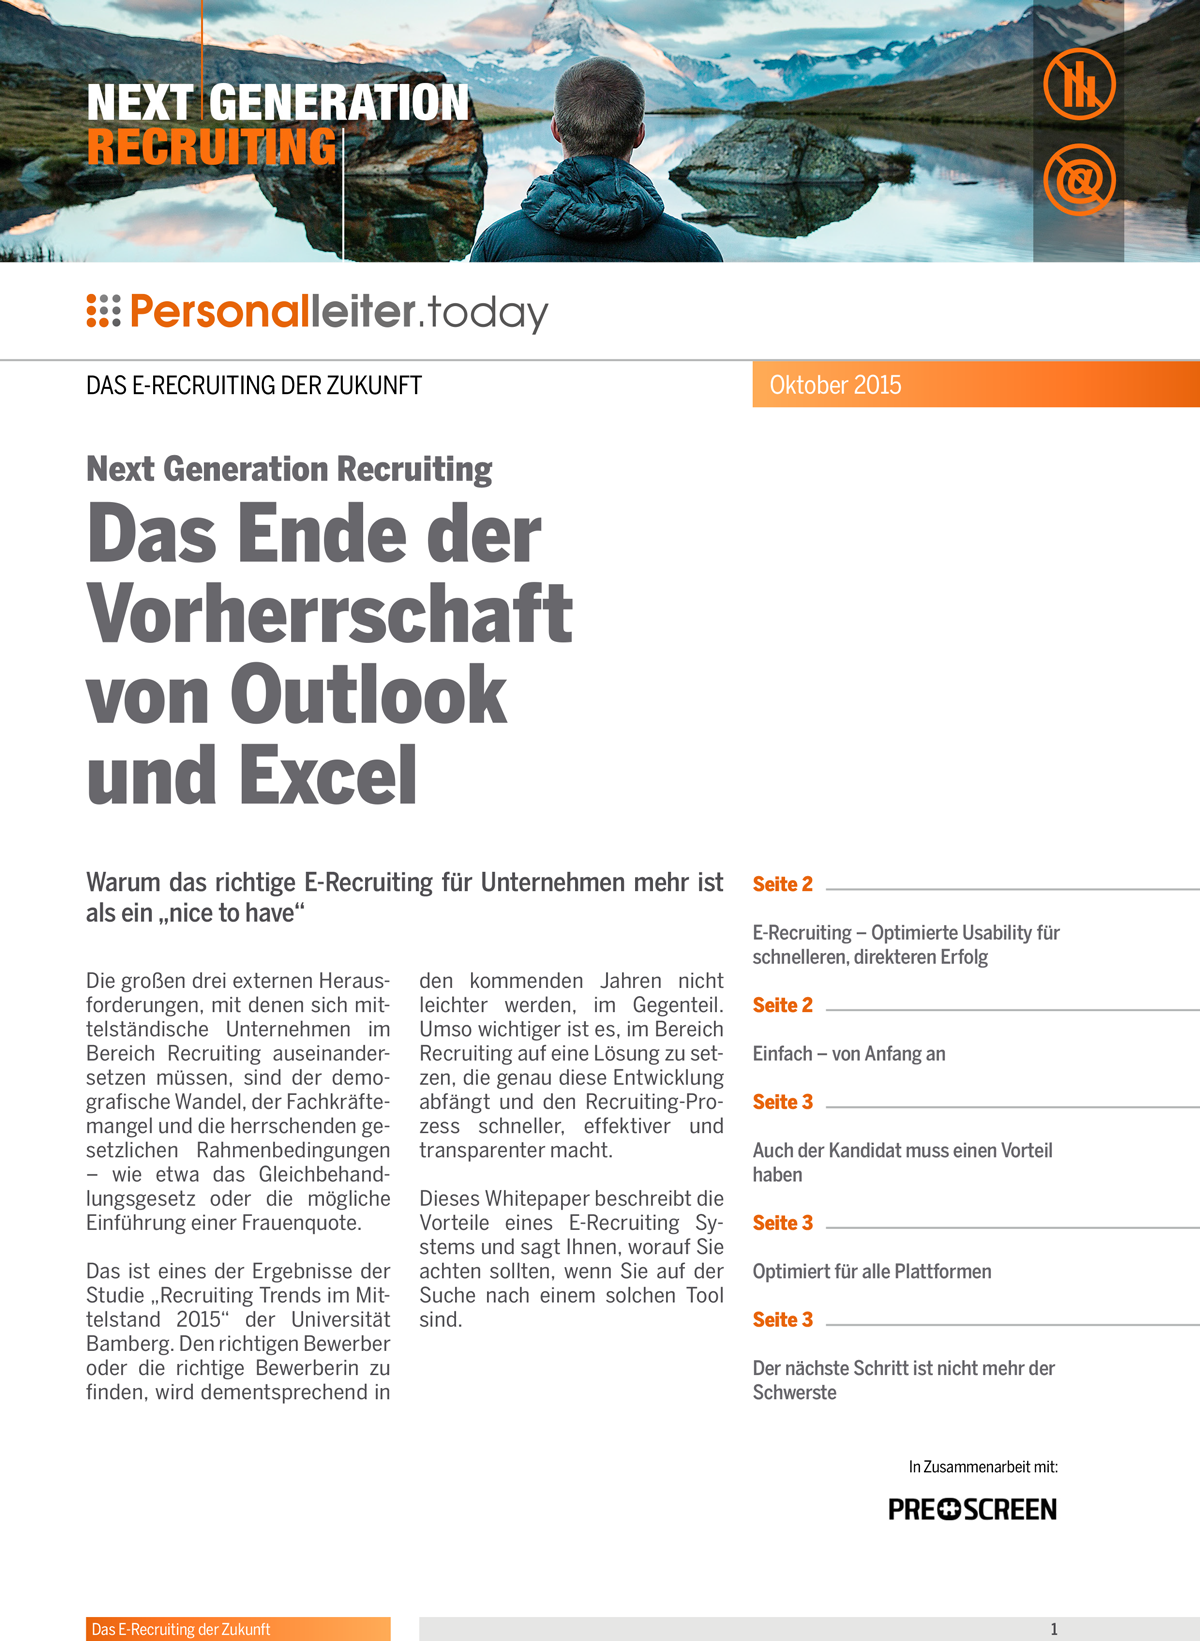 """referenzkampagne_whitepaper_prescreen_Warum das richtige E-Recruiting für Unternehmen mehr ist als ein """"nice to have"""""""